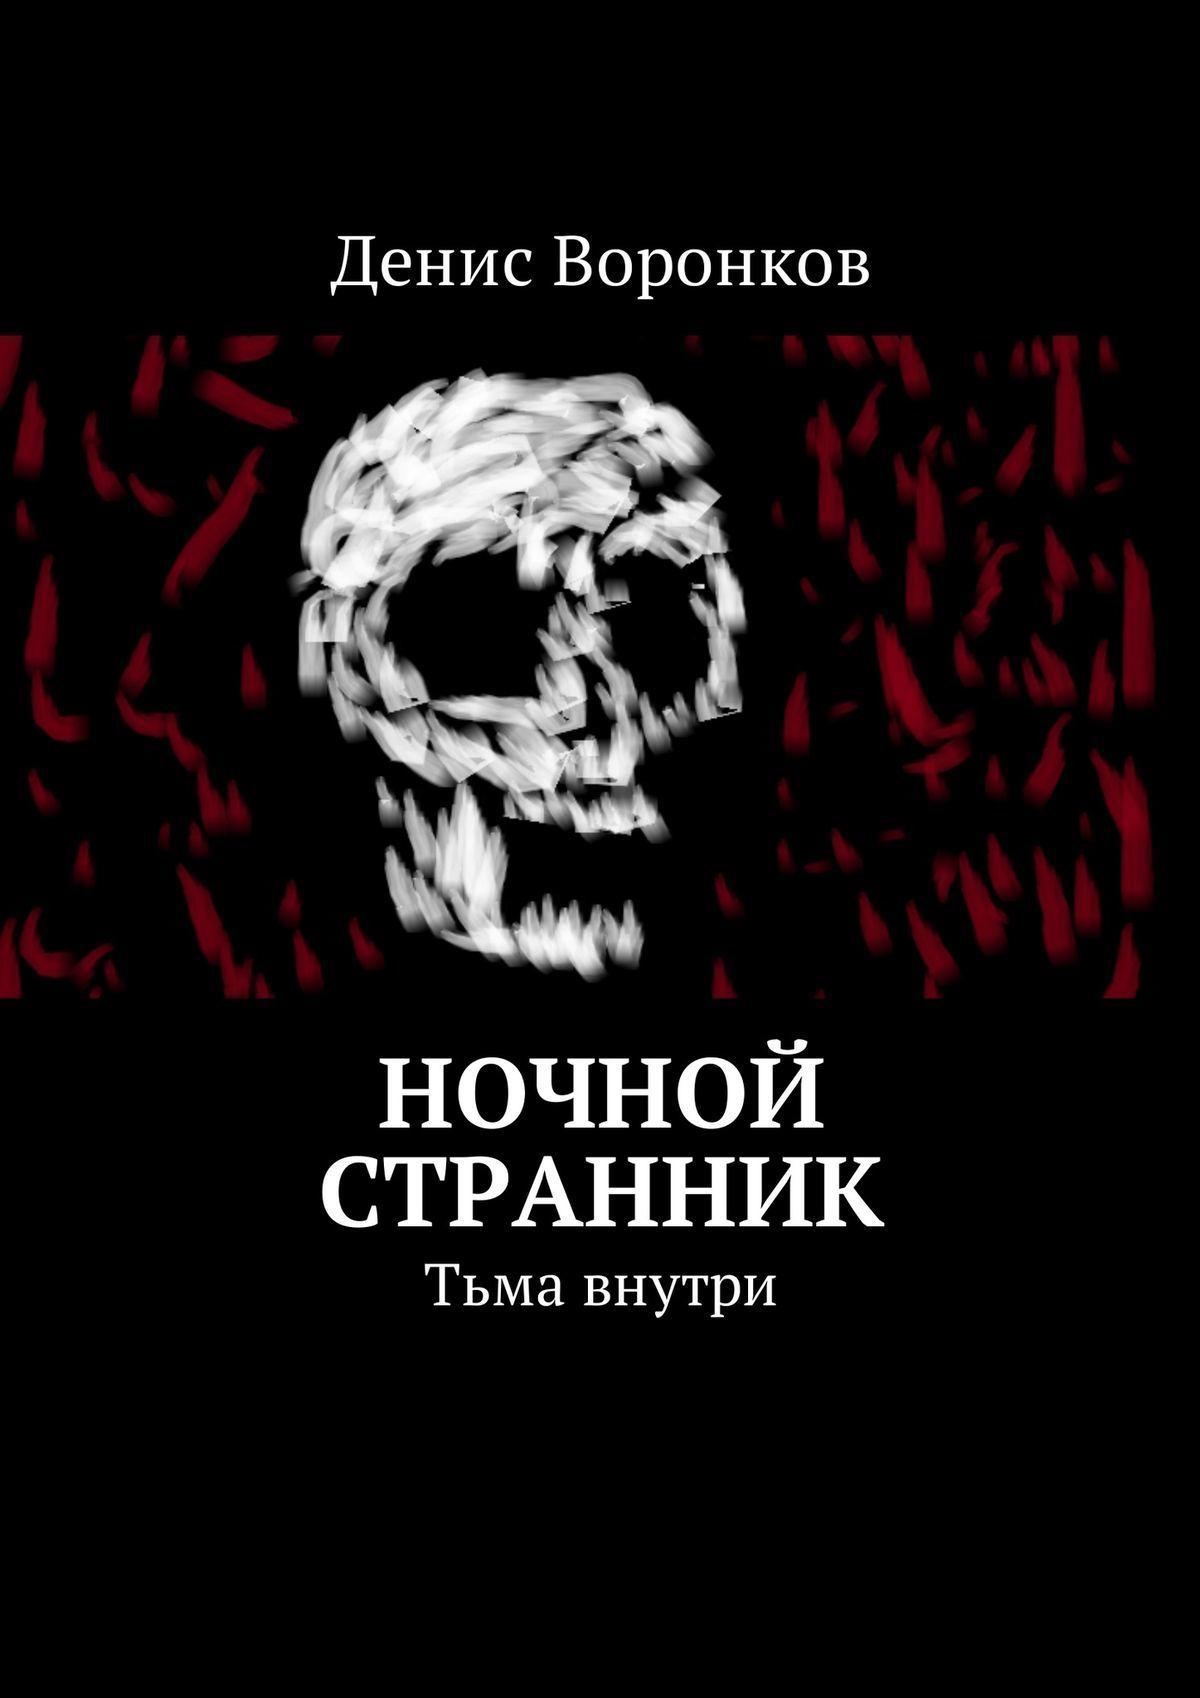 Денис Воронков - Ночной странник. Тьма внутри